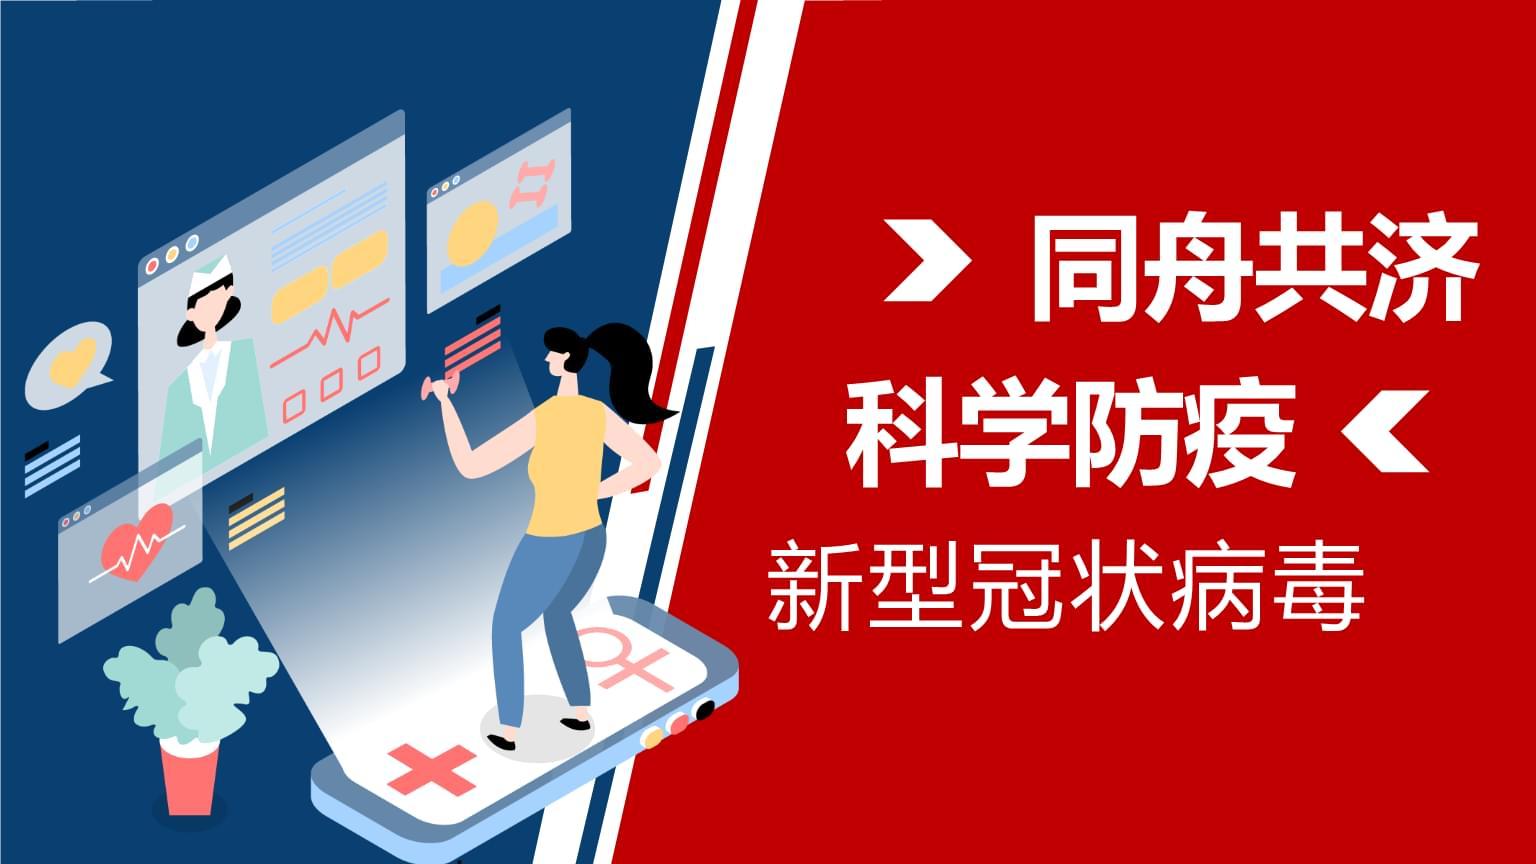 蓝红商务疫情防护知识宣传PPT模板.pptx